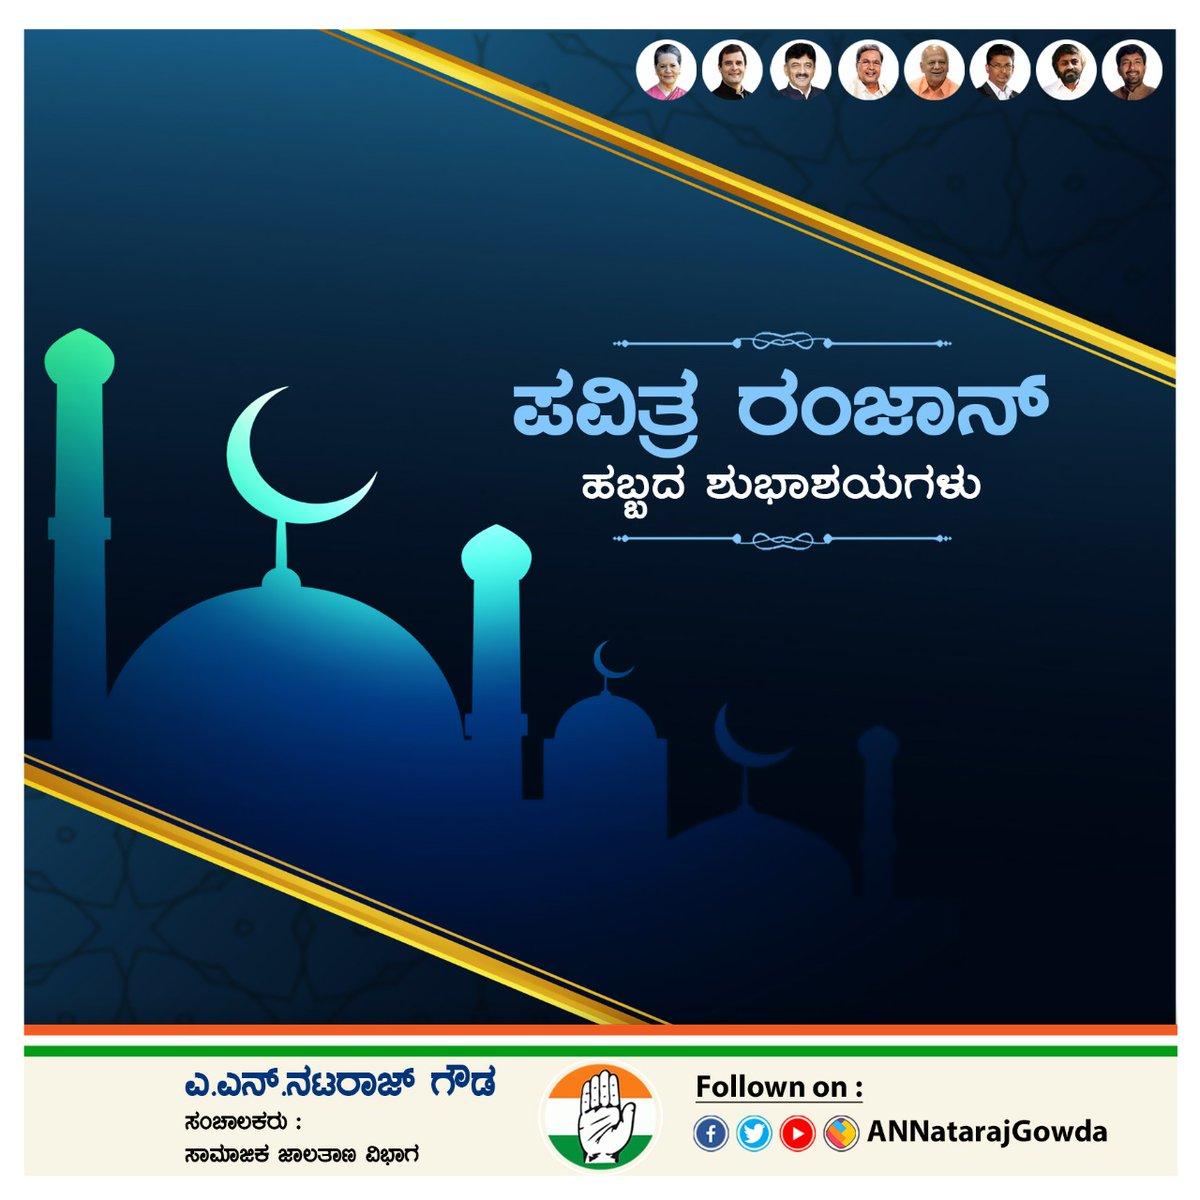 ಎಲ್ಲಾ ದೌರ್ಬಲ್ಯಗಳಿಂದ ಮನುಷ್ಯನನ್ನು ಮುಕ್ತಗೊಳಿಸಿ ದೇಹ ಮತ್ತು ಆತ್ಮವನ್ನು ಪವಿತ್ರಗೊಳಿಸುವ ಒಂದು ತಿಂಗಳ ಕಠಿಣ ವ್ರತಾಚರಣೆಯ ನಂತರದ,  ಪವಿತ್ರ ರಂಜಾನ್ಹಬ್ಬದ ಹಾರ್ದಿಕ ಶುಭಾಷಯಗಳು. #Ramadan #RamadanMubarak #EidUlFitr https://t.co/s8JbJ9k3M3